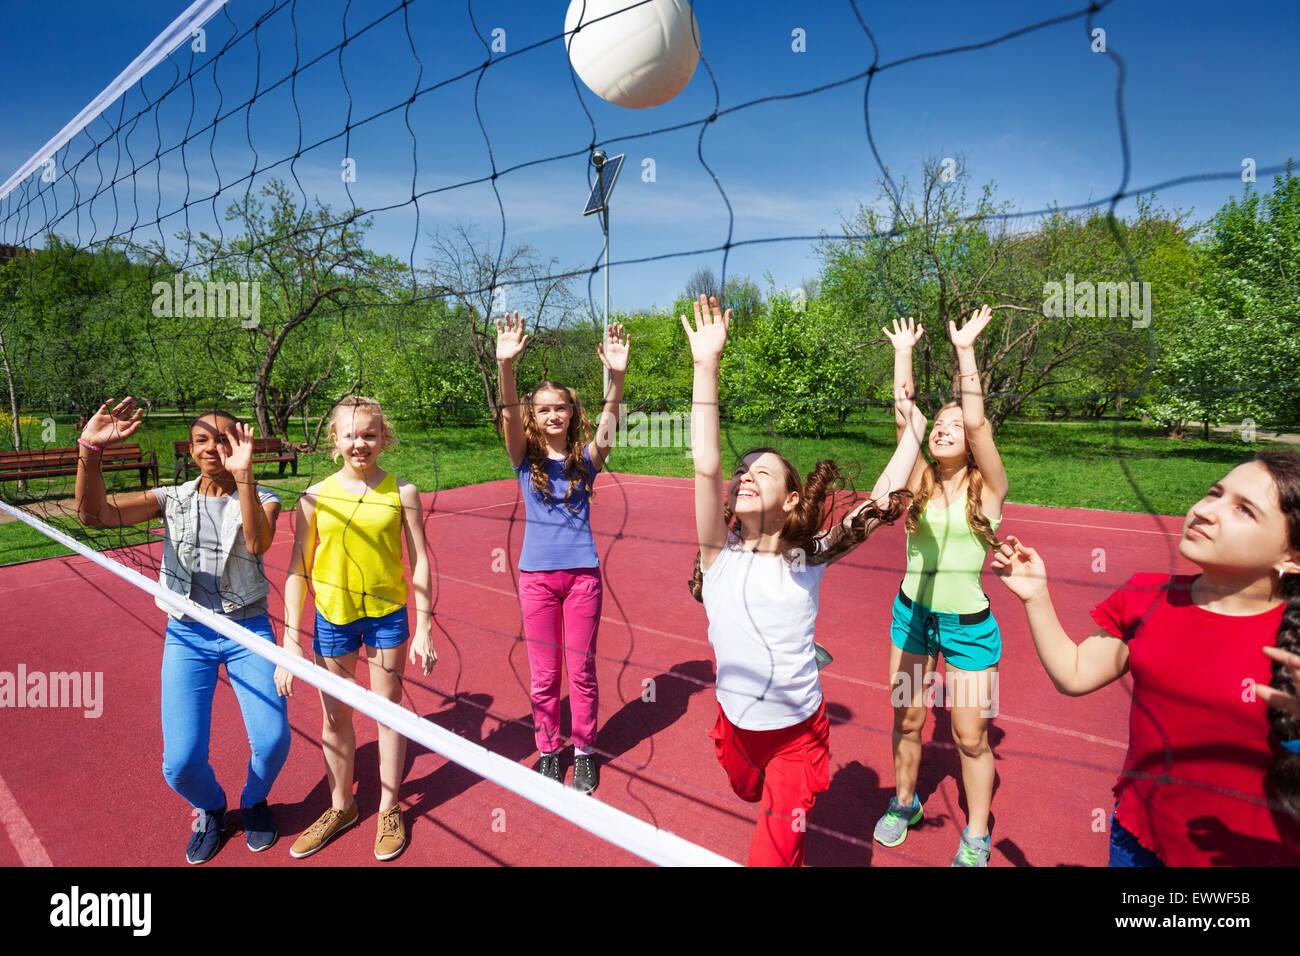 Volleyball-Spiel mit Kindern im Teenageralter zu spielen Stockbild